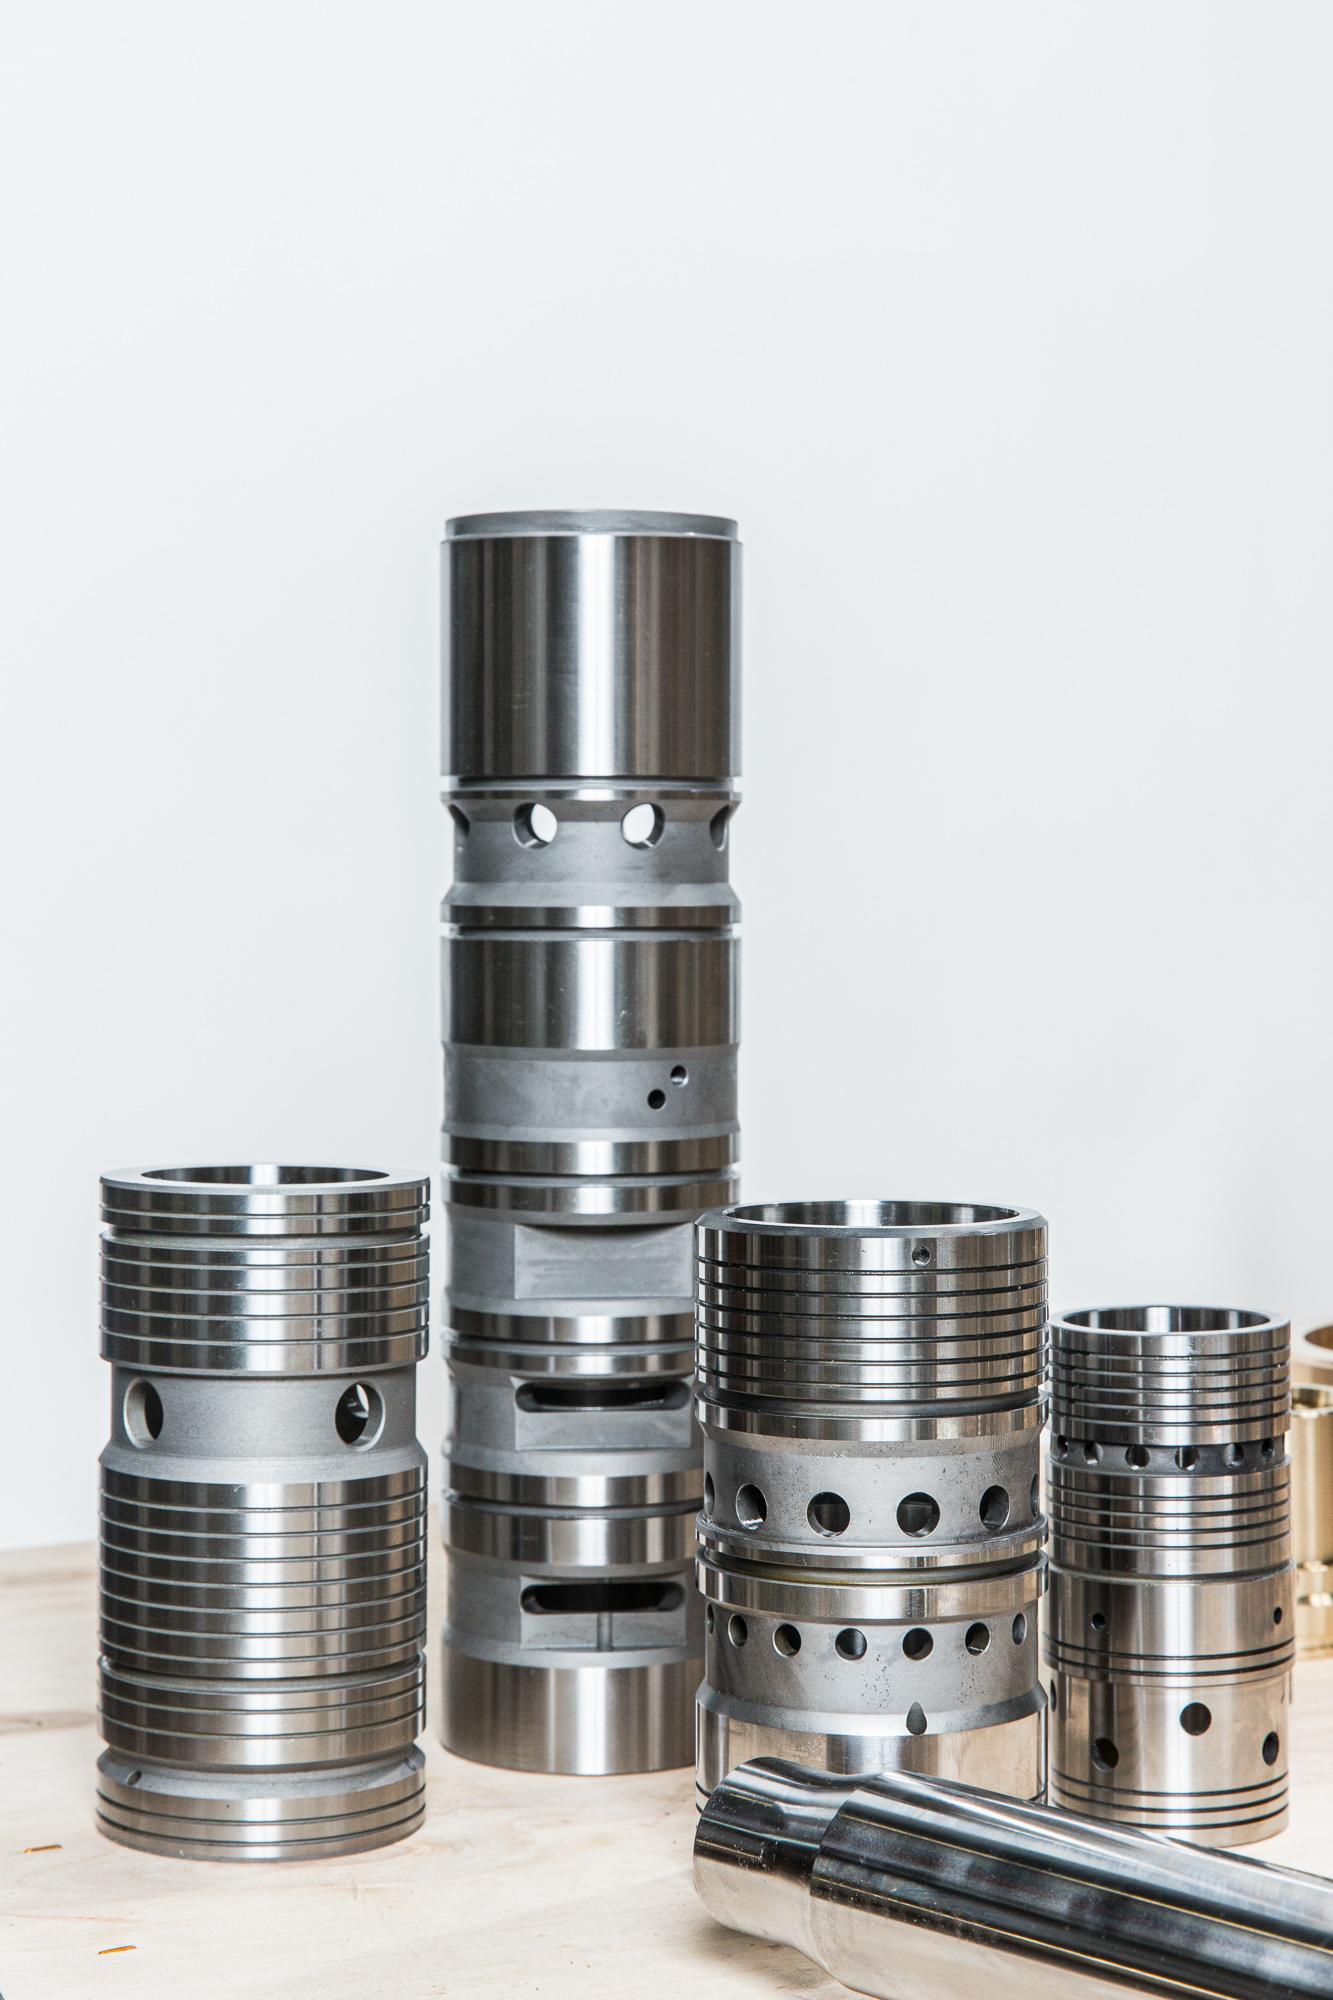 Mise en valeur des pièces mécaniques en studio photo